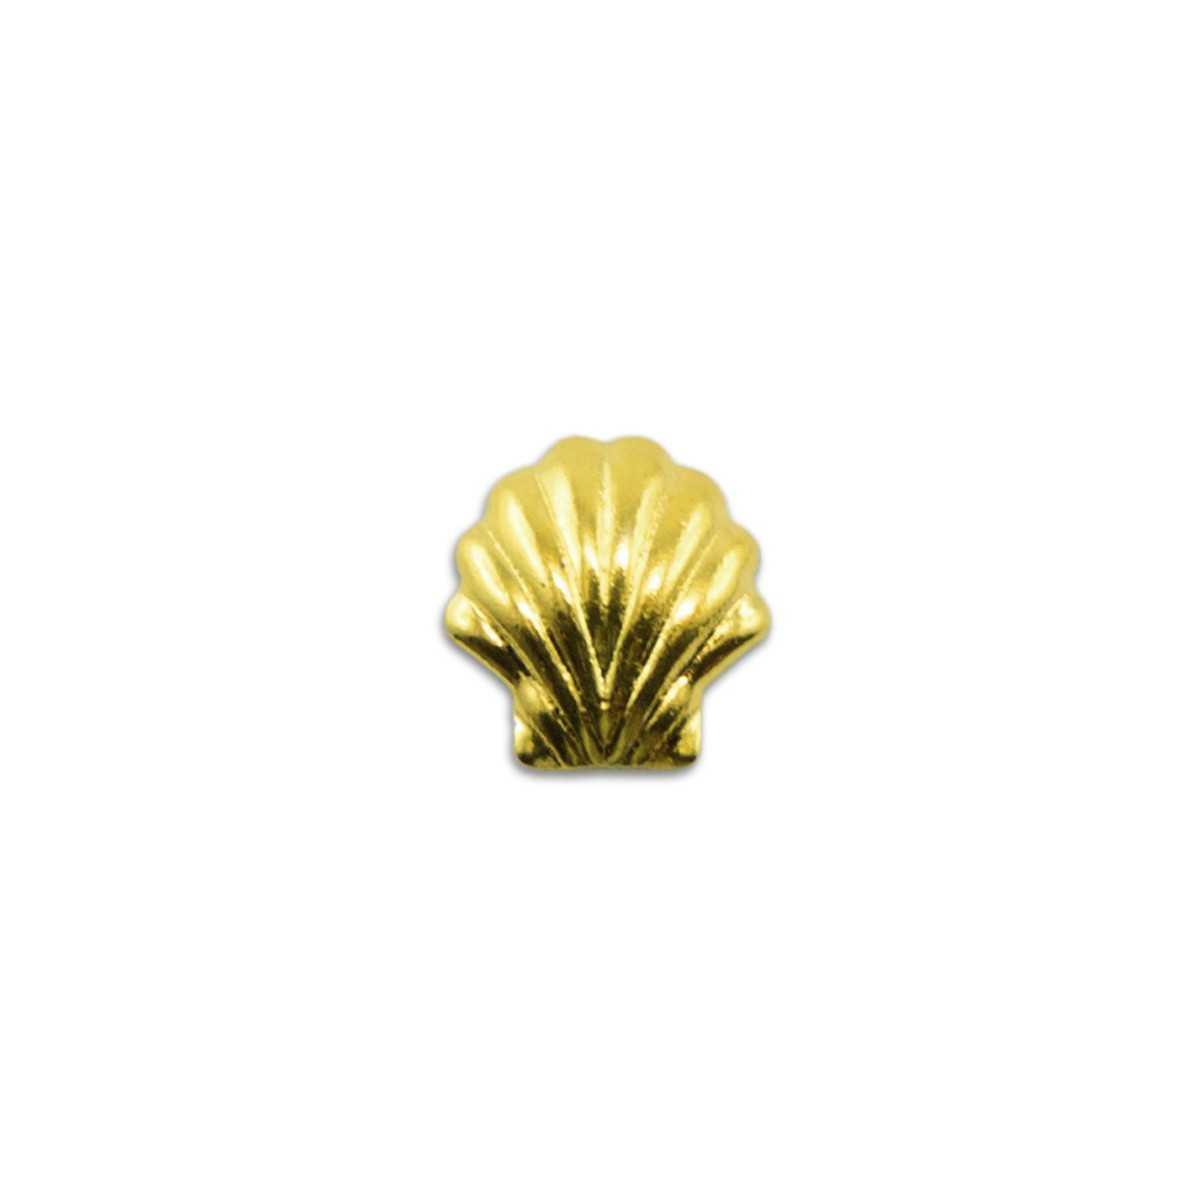 https://www.kit-manucure.com/1553-thickbox_default/bijoux-pour-ongles-coquillage-doré-lot-de-5.jpg